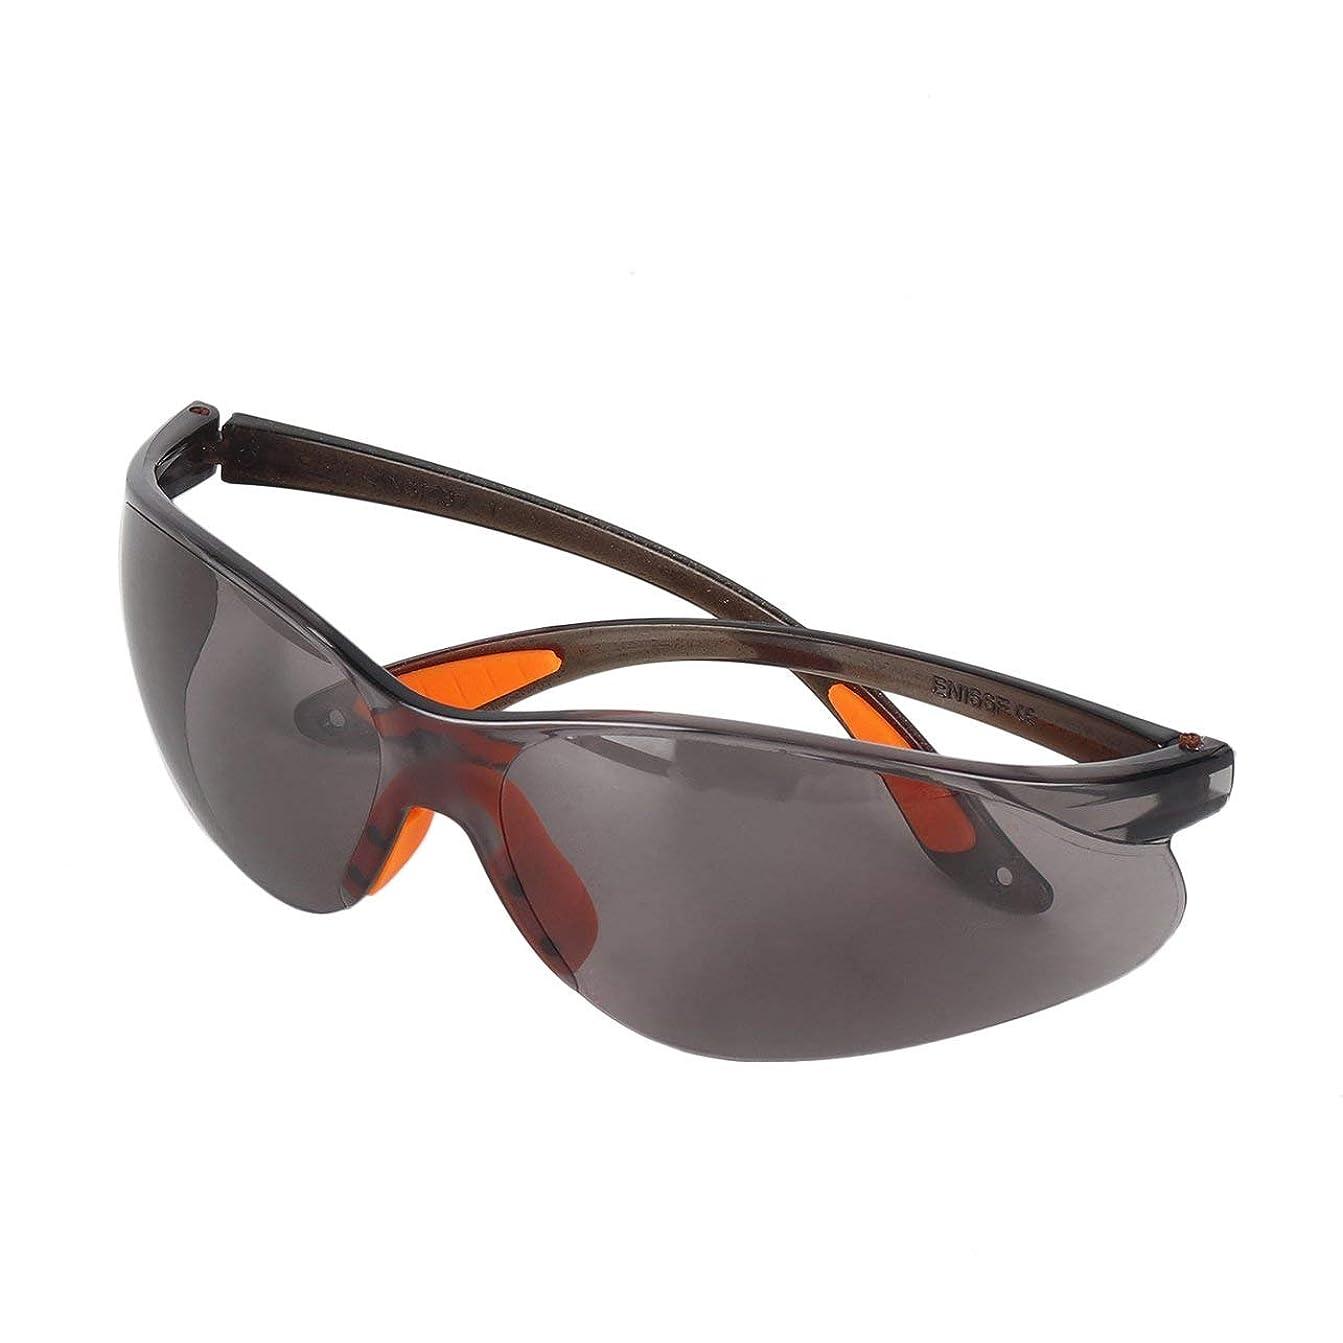 ナイロン乗算火山学DeeploveUU 携帯用安全メガネ保護メガネ丈夫なメガネ多機能ゴーグルユニセックスOurdoorメガネ